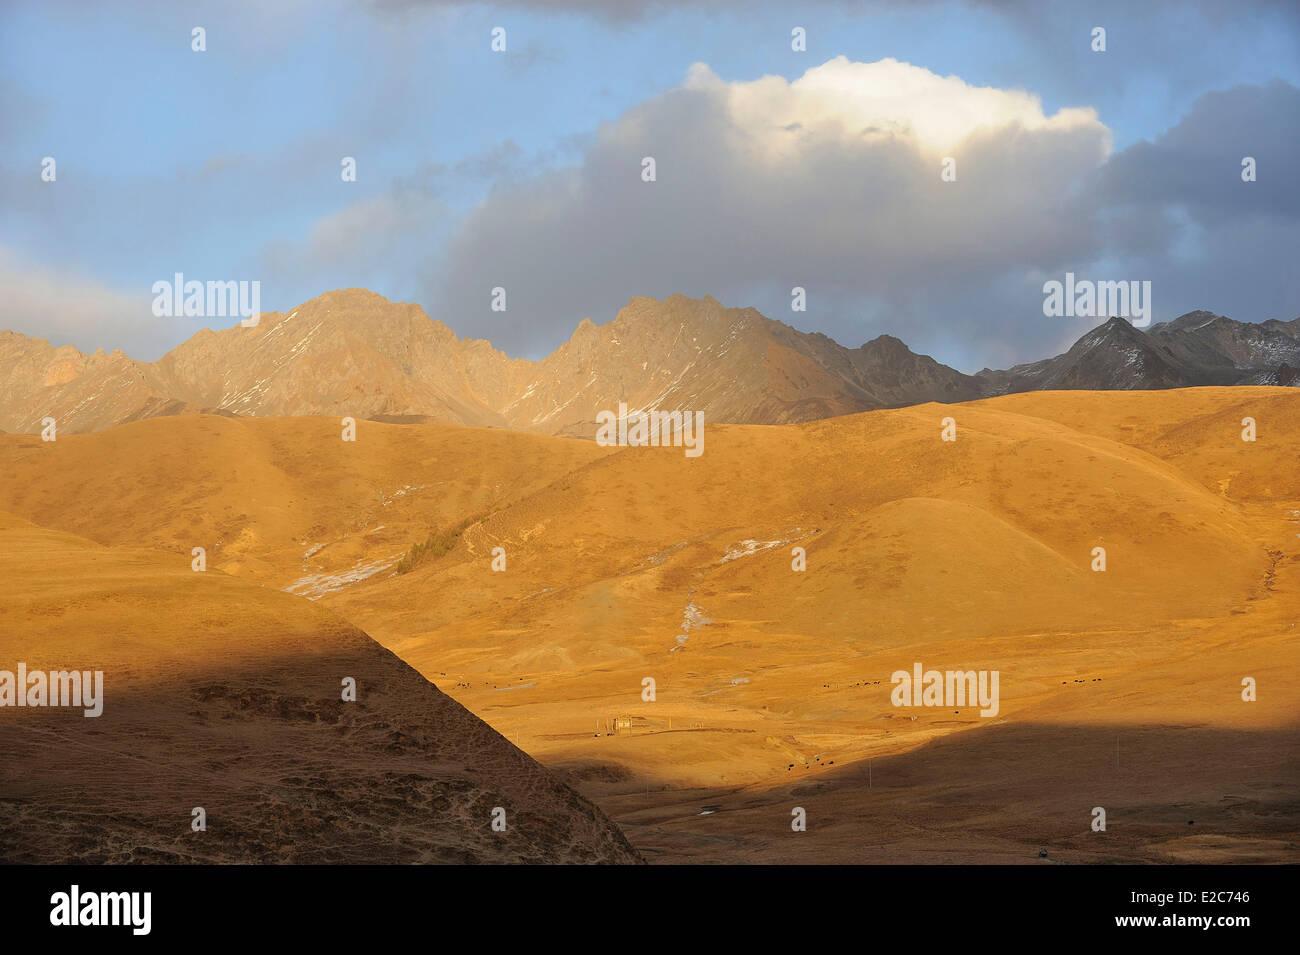 China, Sichuan, Kham, The Himalayas near Kangding (Dardo) - Stock Image